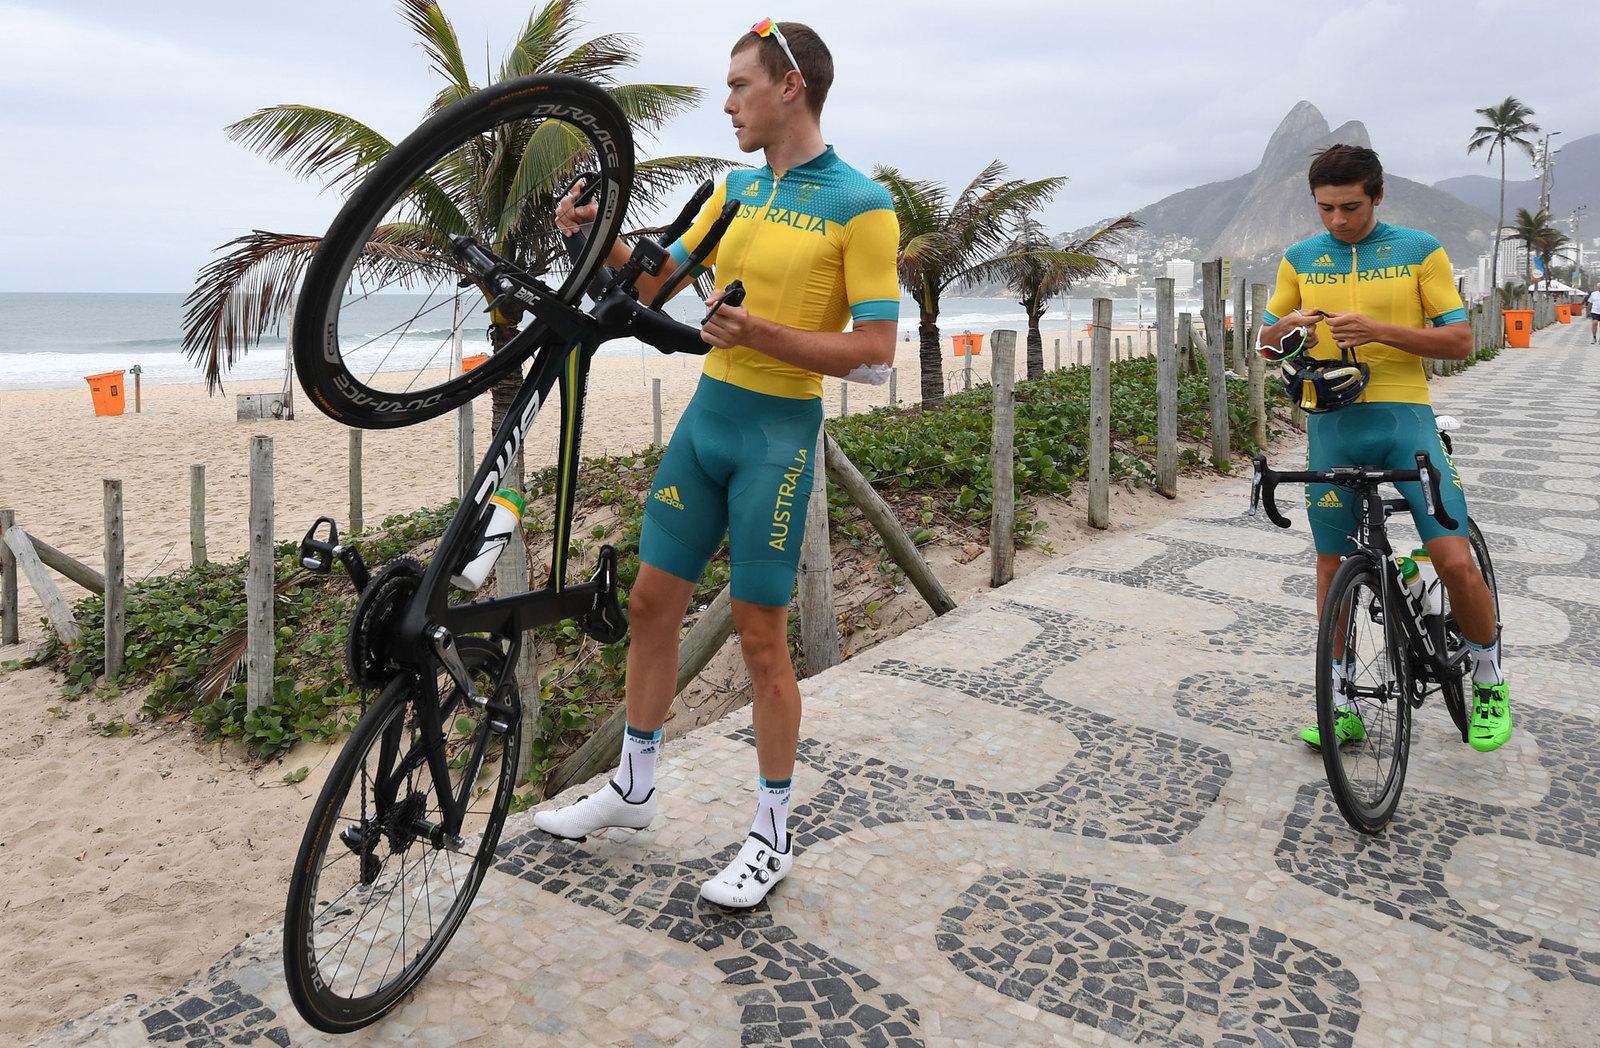 Австралийские велосипедисты во время тренировок знакомятся с набережной в Рио